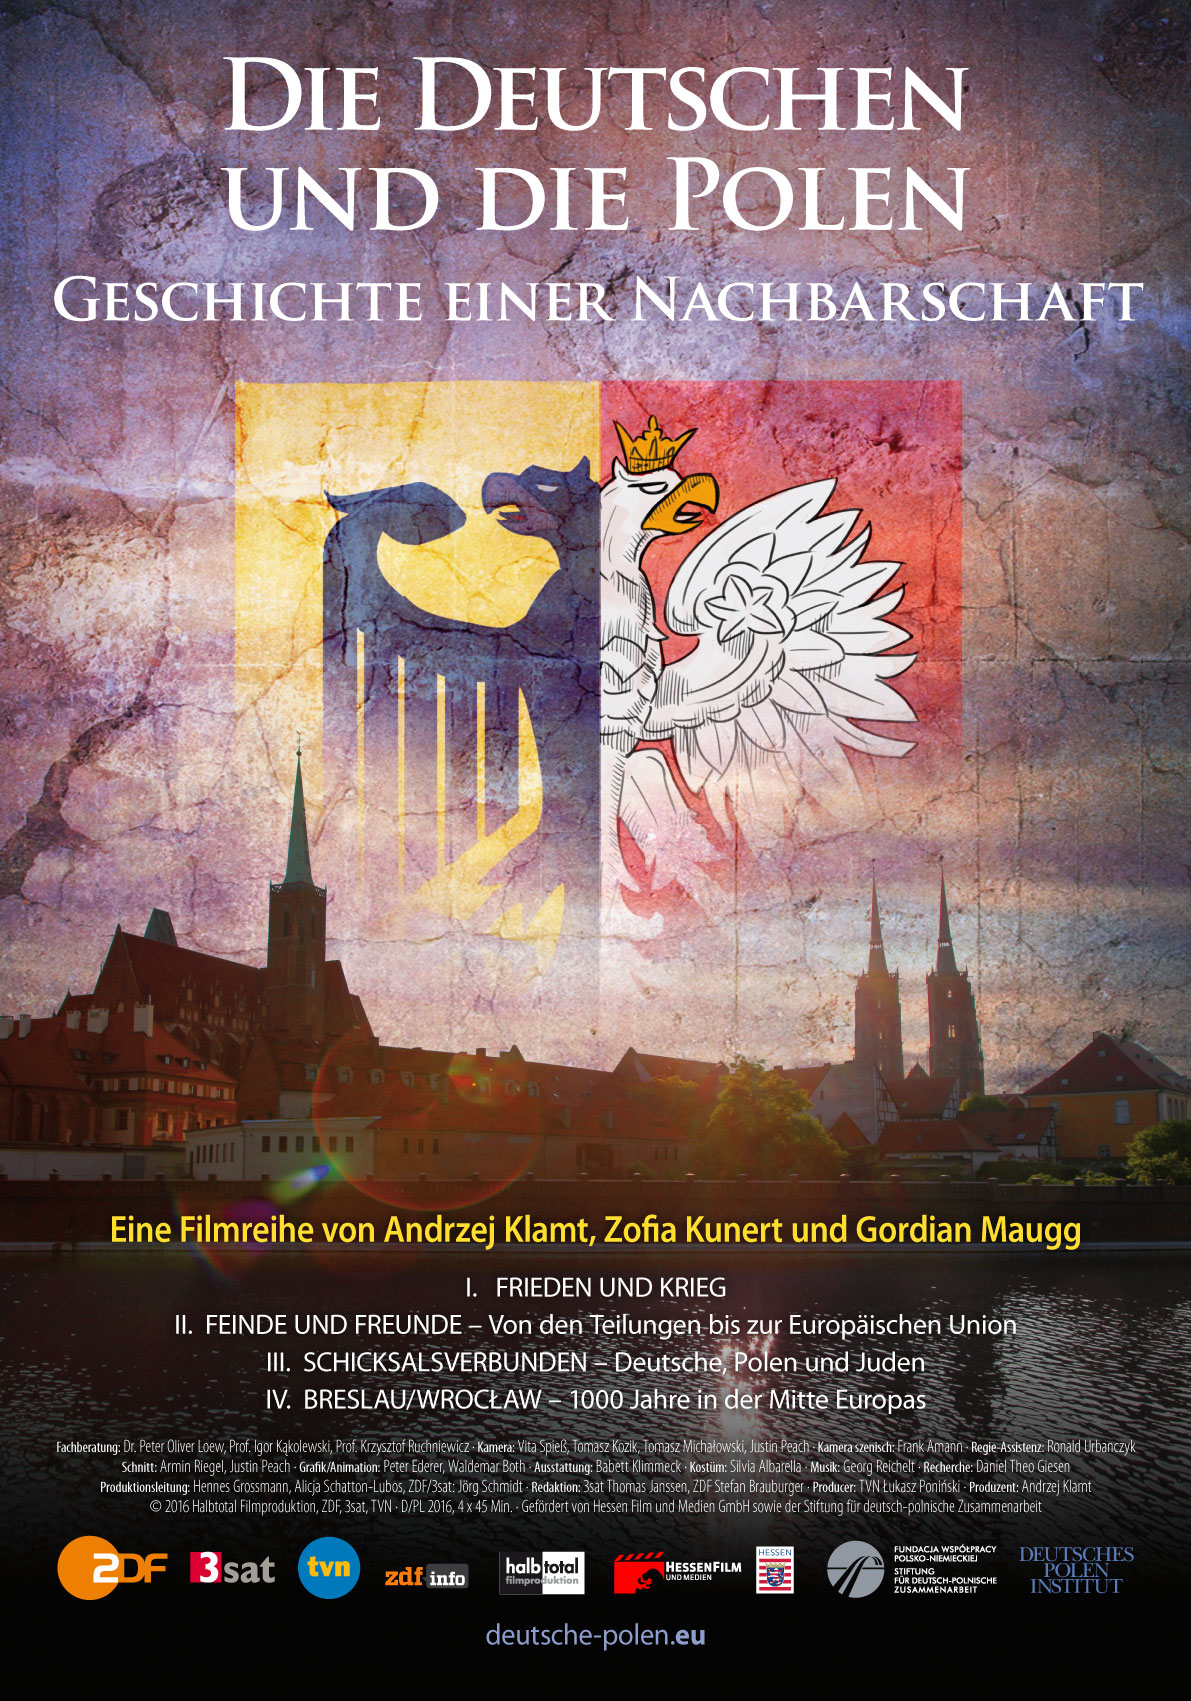 Die Deutschen und die Polen Filmplakat